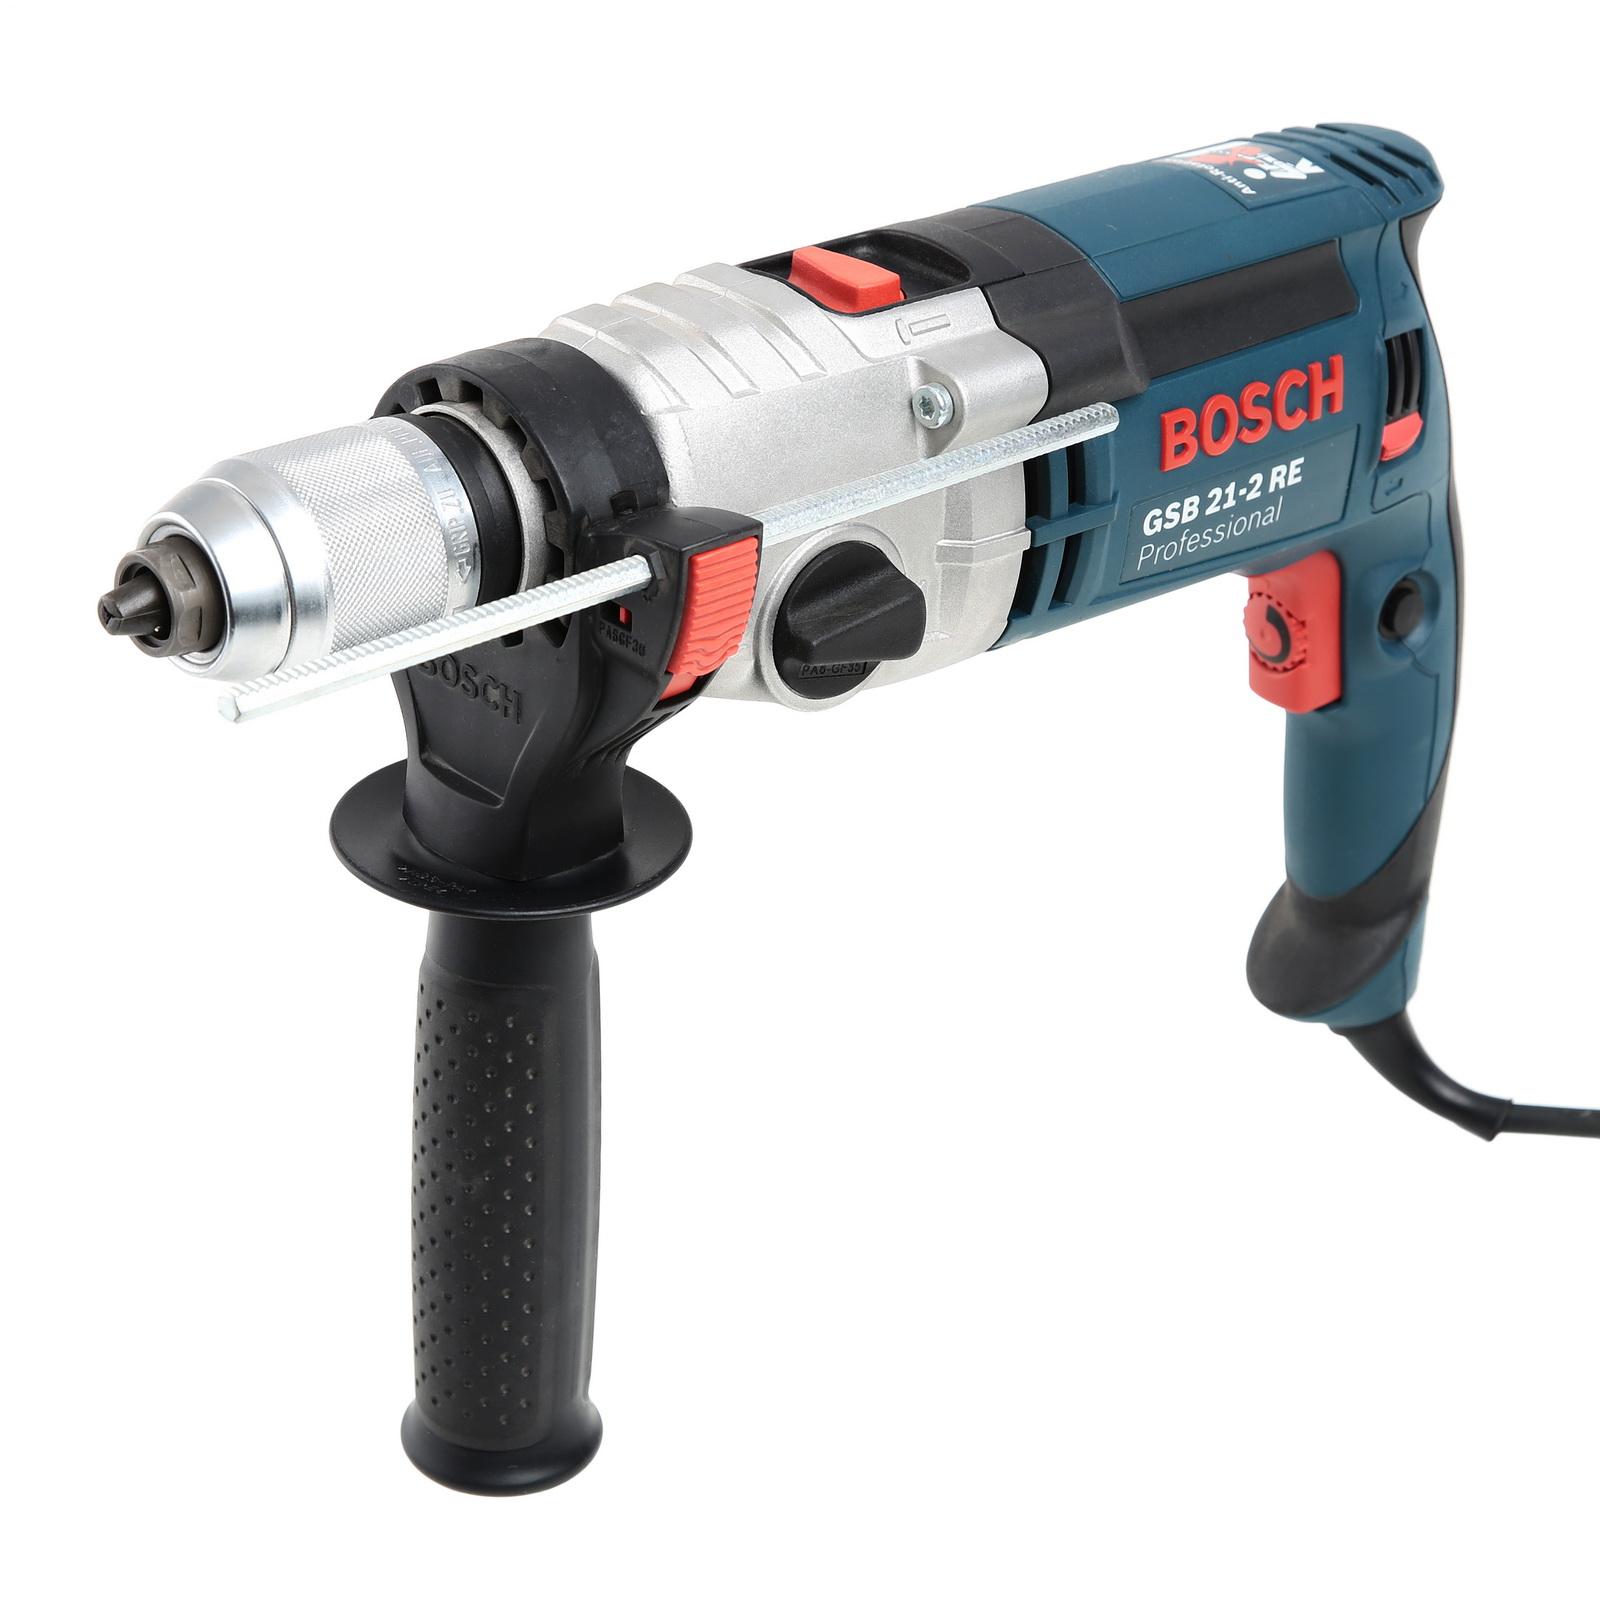 Дрель ударная Bosch Gsb 21-2 re (0.601.19c.500) дрель bosch 0 601 14e 500 gsb 16re бзп